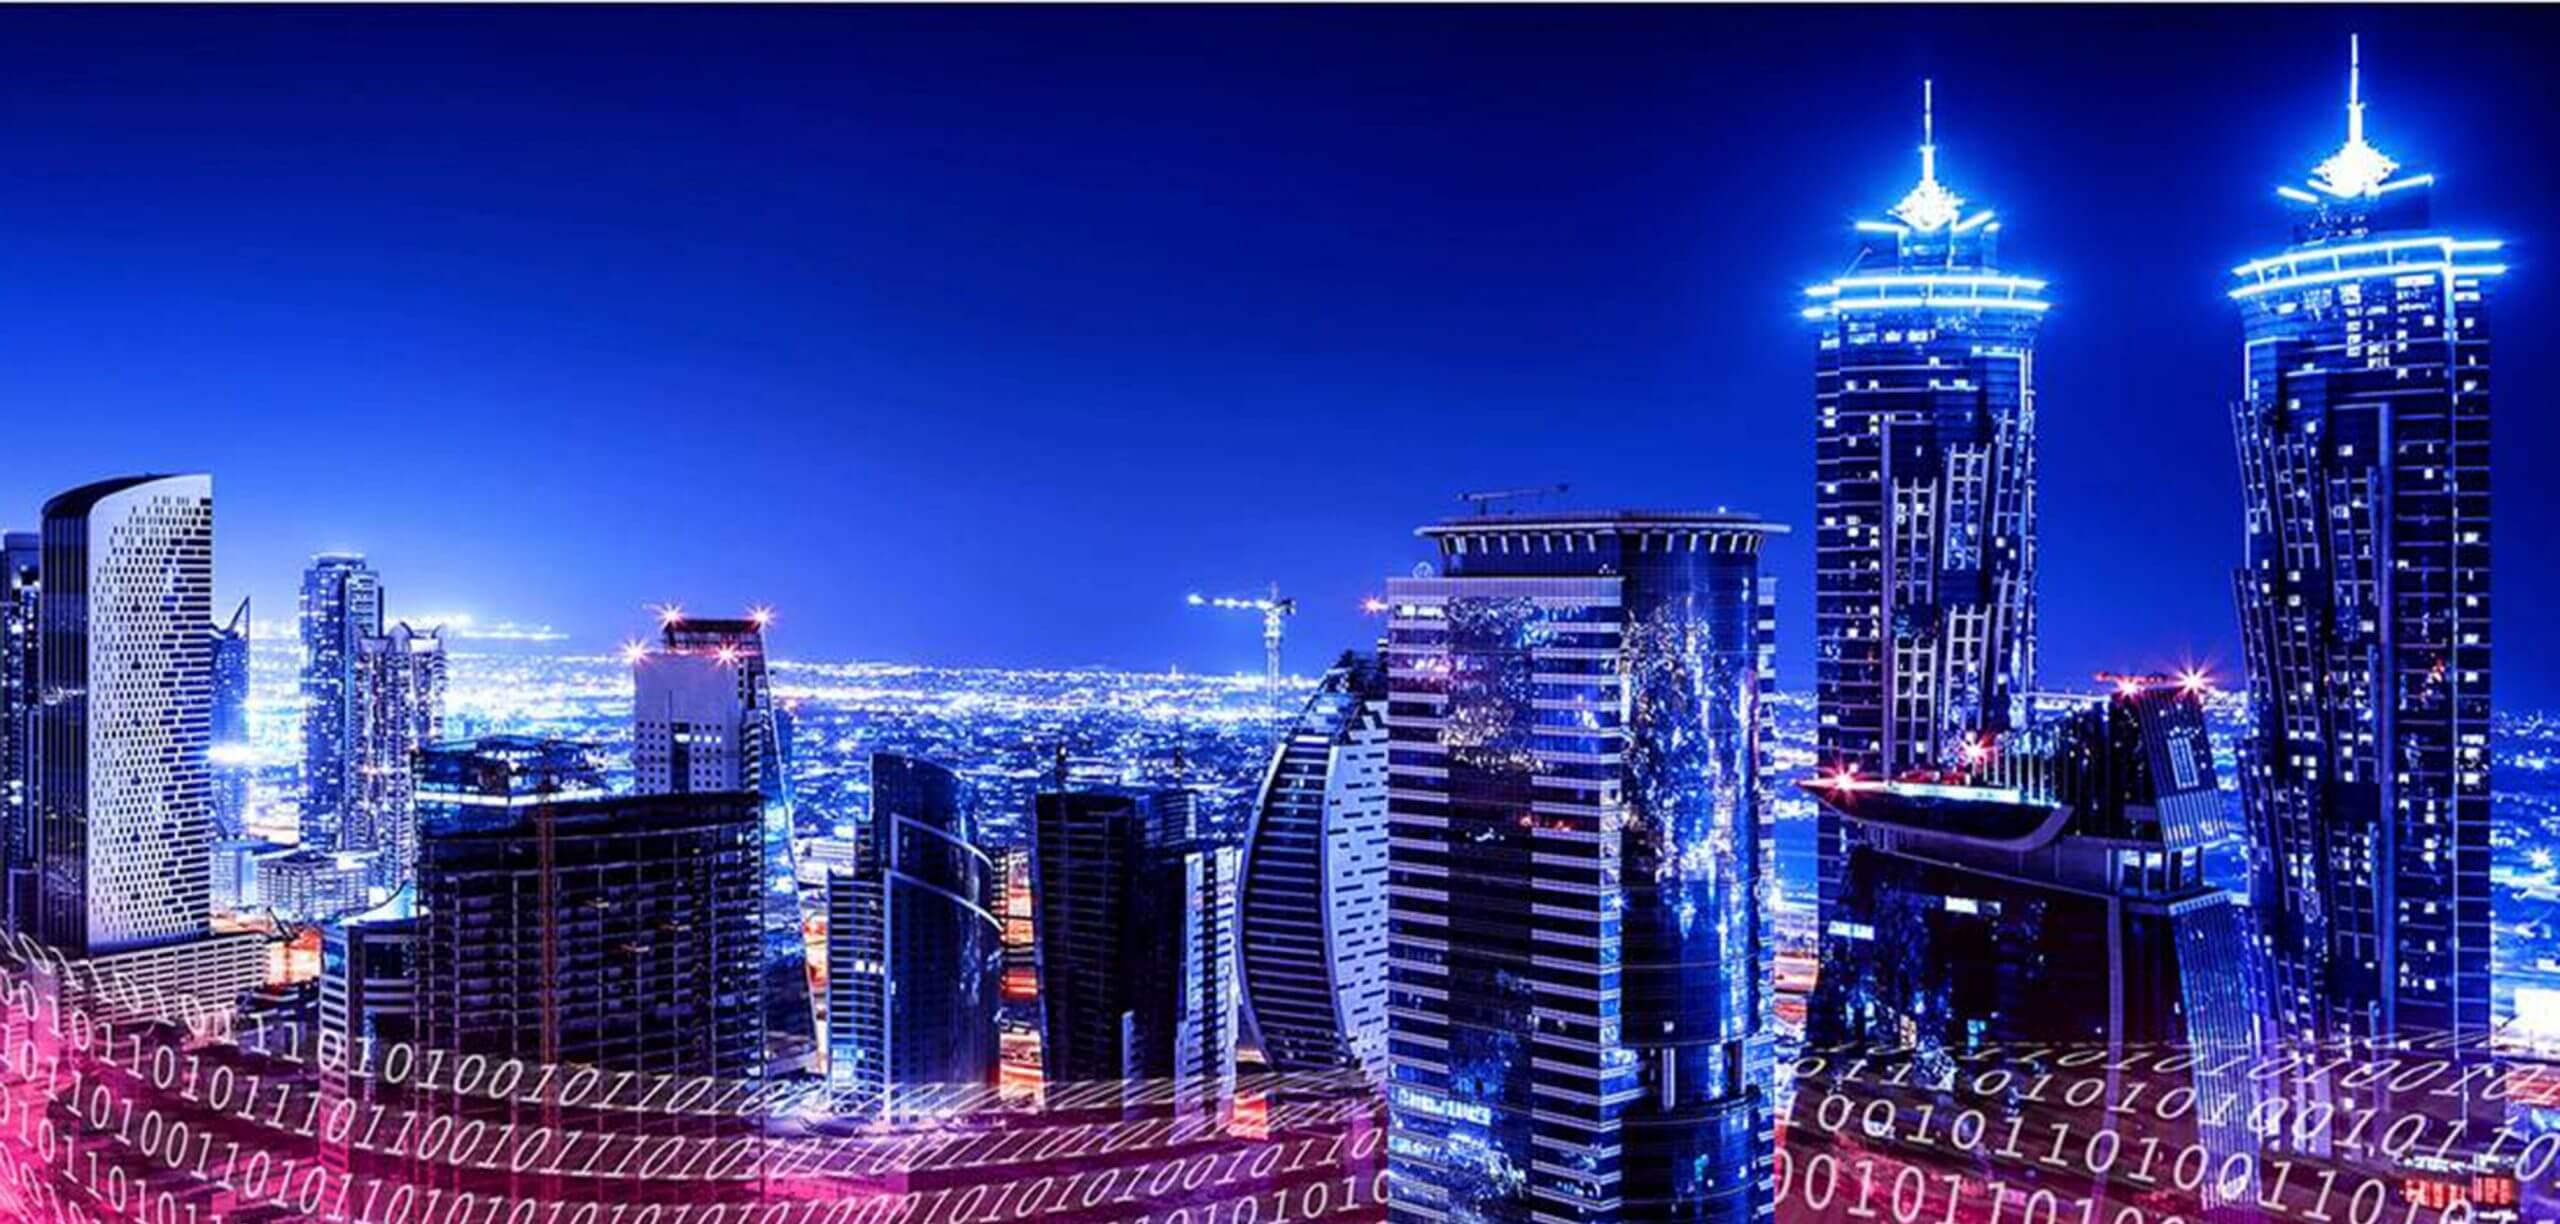 Smart City – Internationale Strategien zur cleveren Stadt von morgen